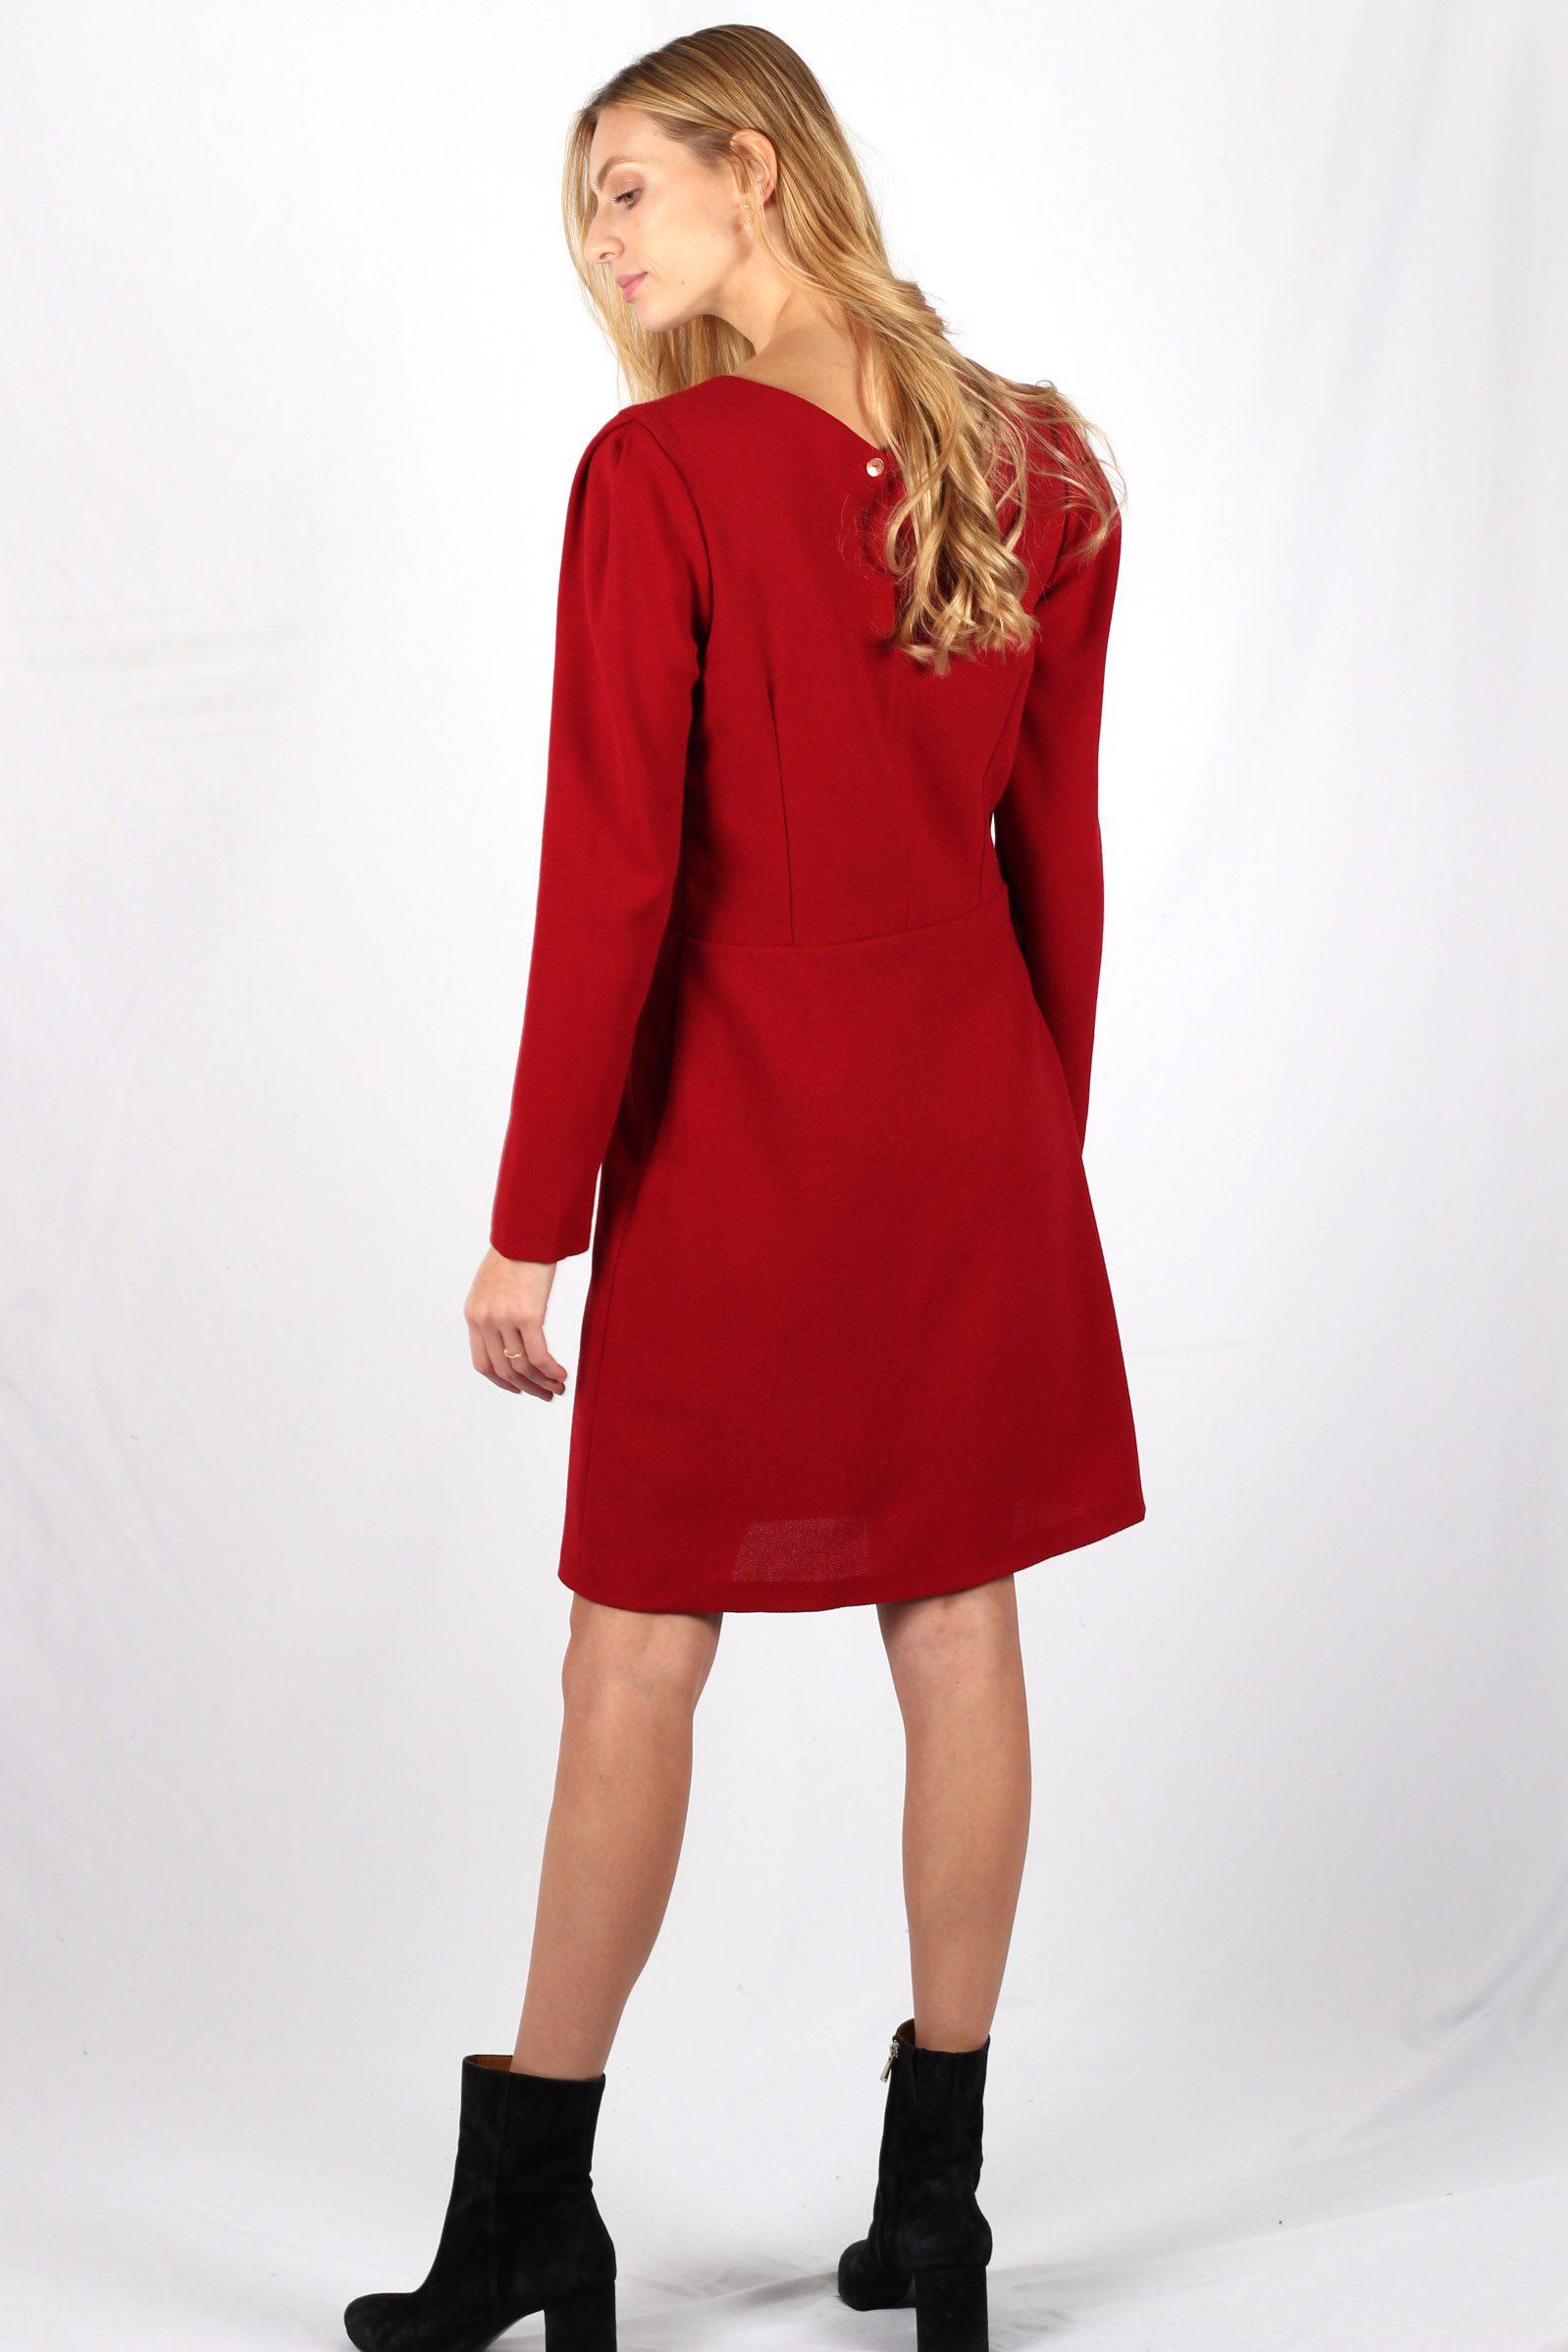 robe rouge cintrée en crêpe de laine4